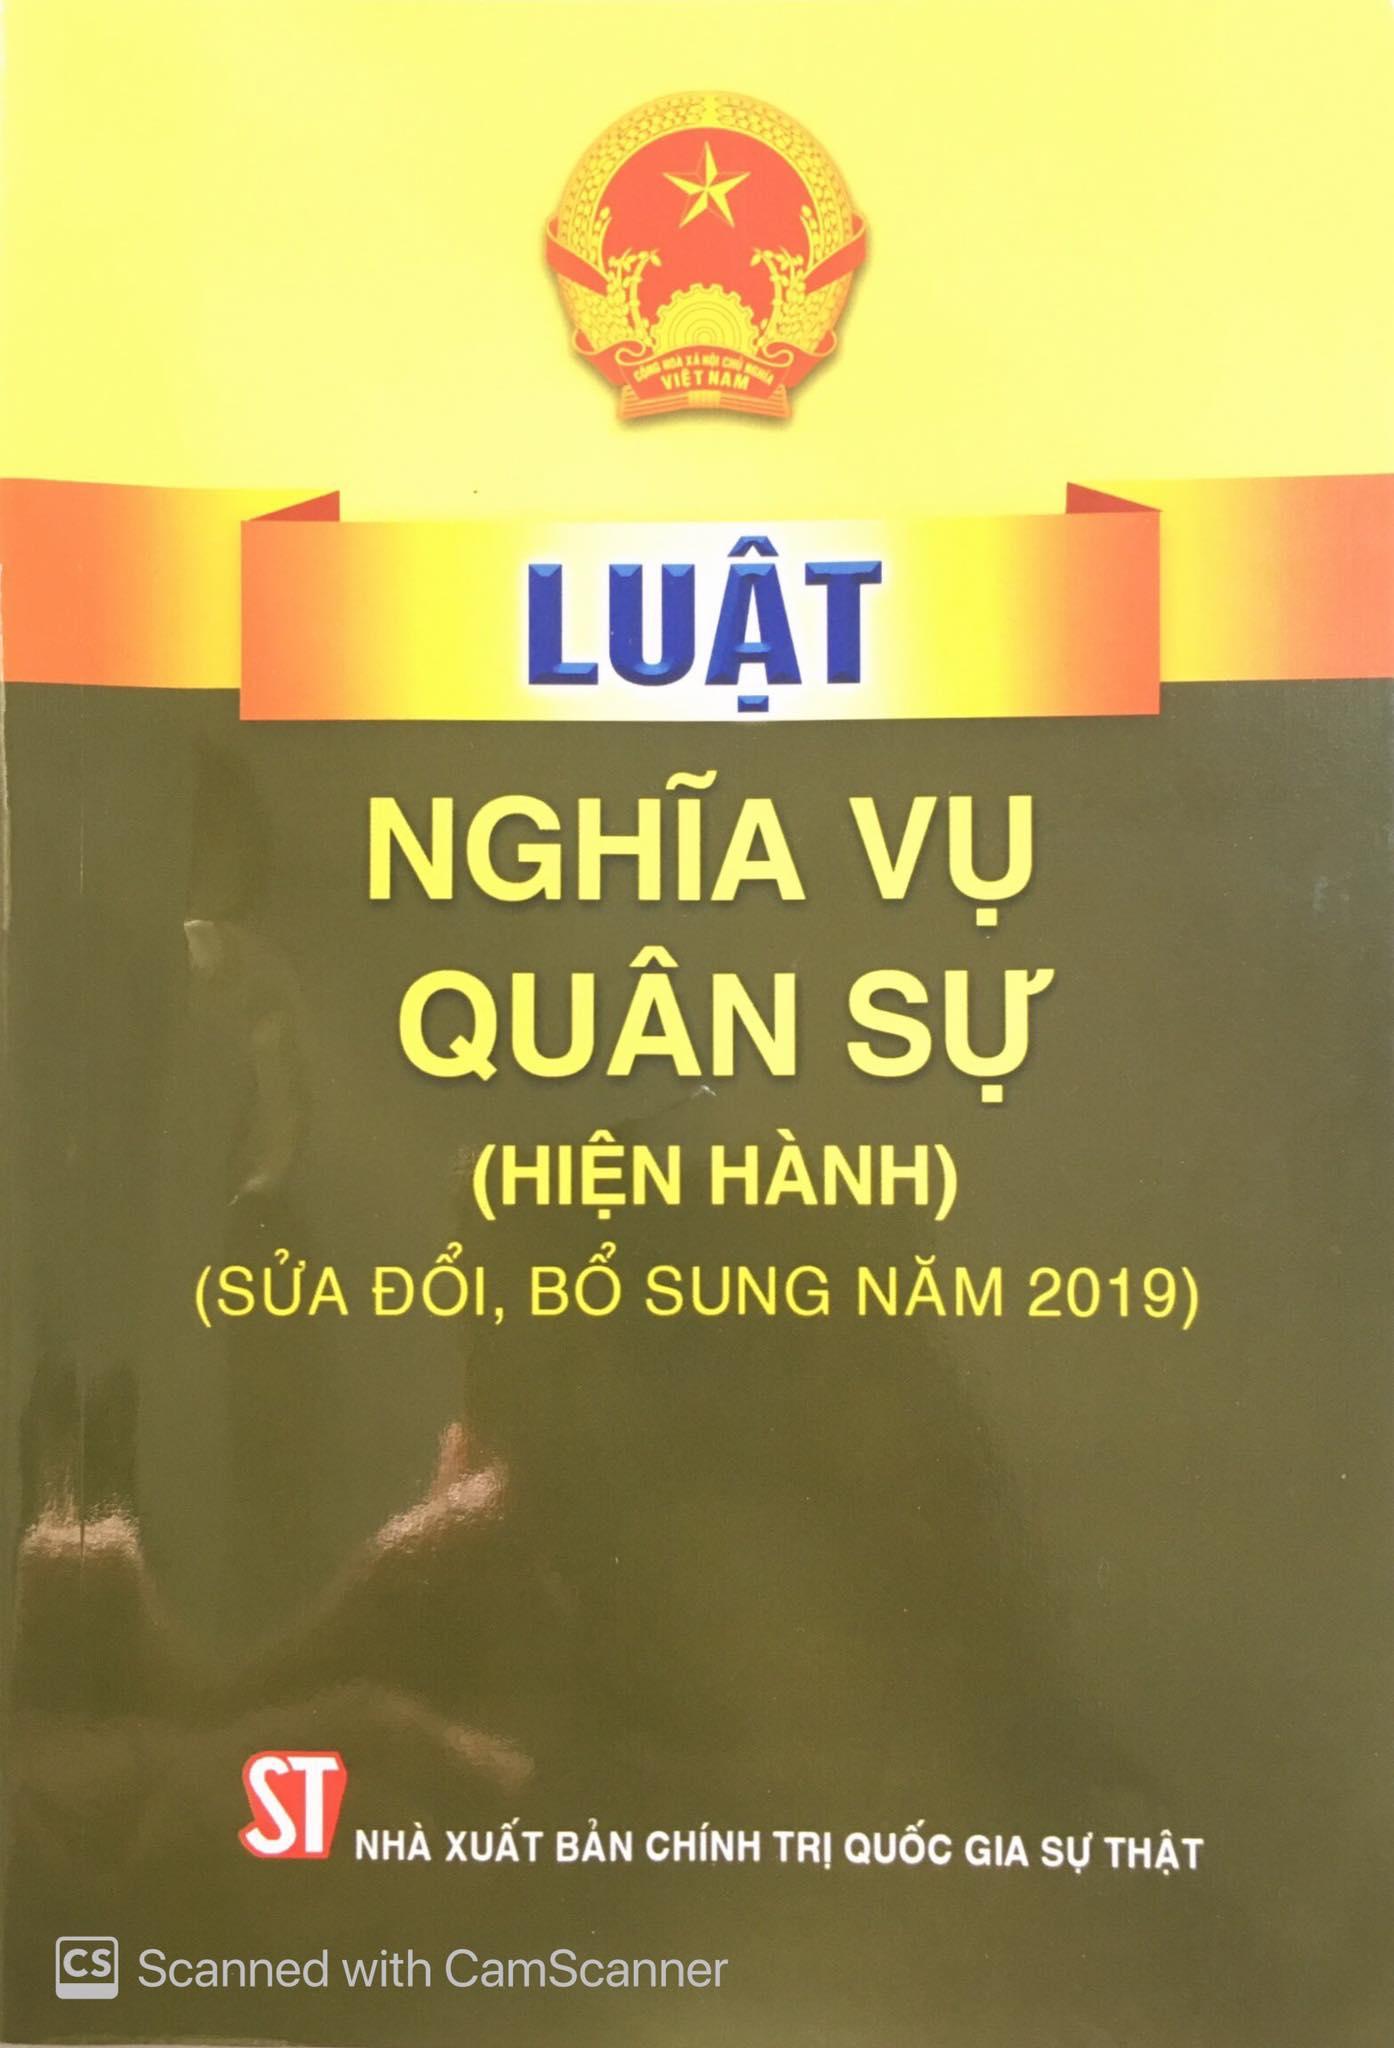 Luật Nghĩa vụ quân sự (hiện hành) (sửa đổi, bổ sung năm 2019)